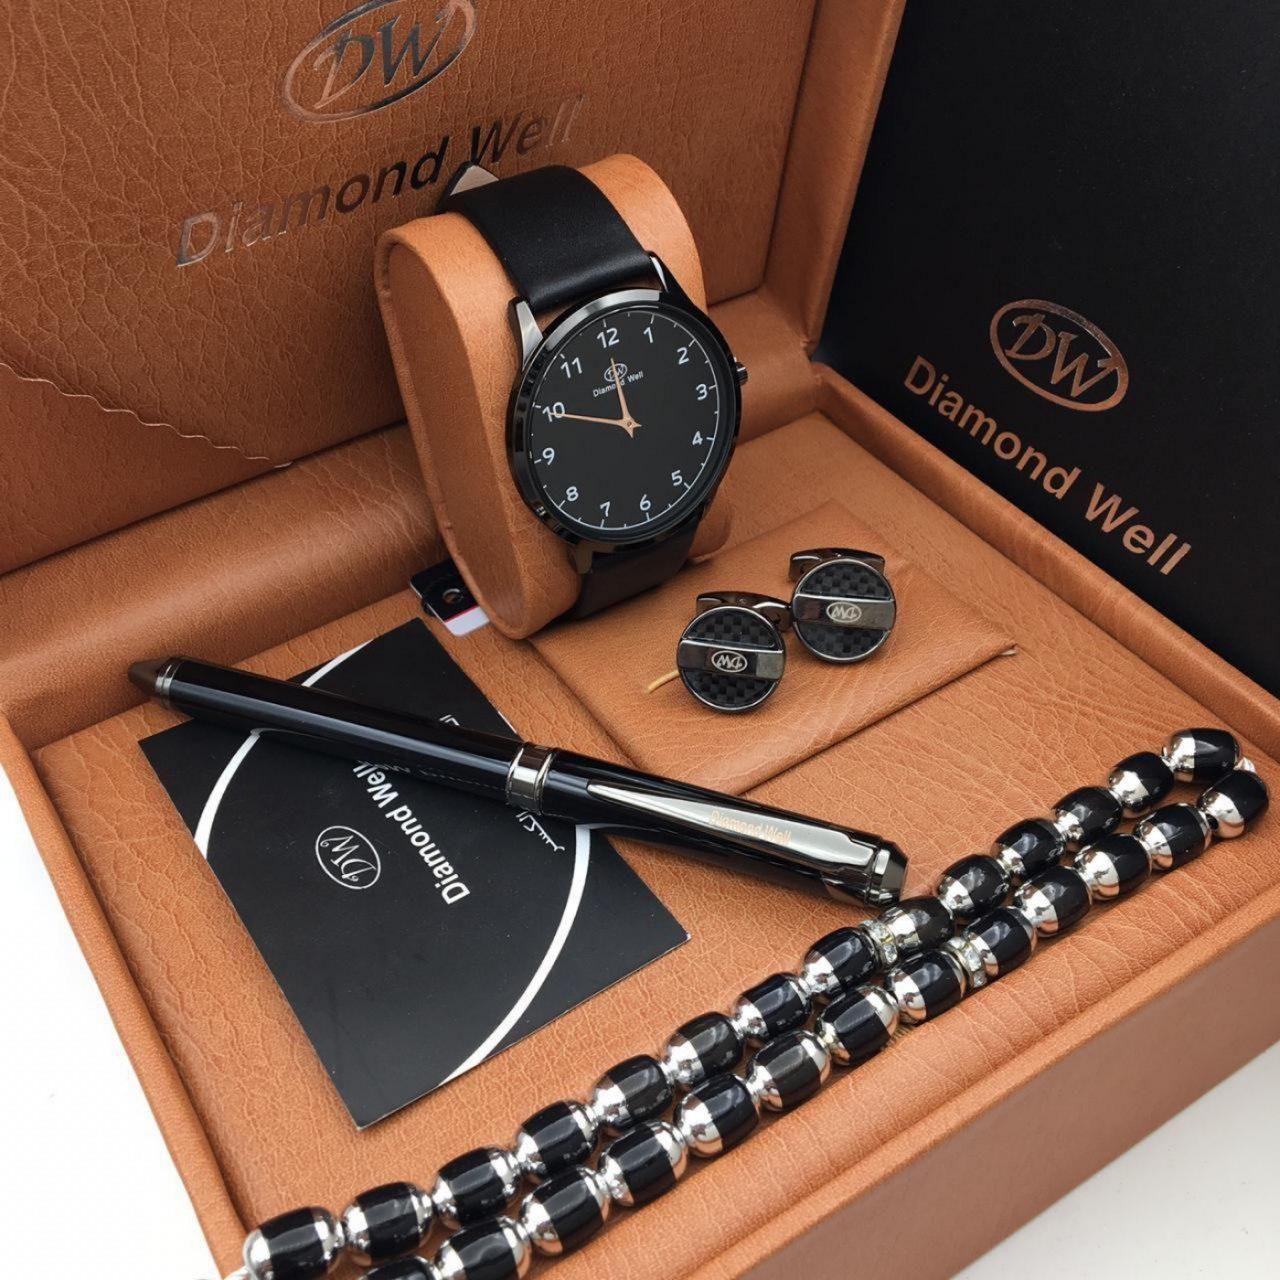 ساعات دايمندويل رجاليه جلد مع قلم و كبك دايمندويل وسبحه وكرت ضمان لسنه هدايا هنوف Watches Accessories